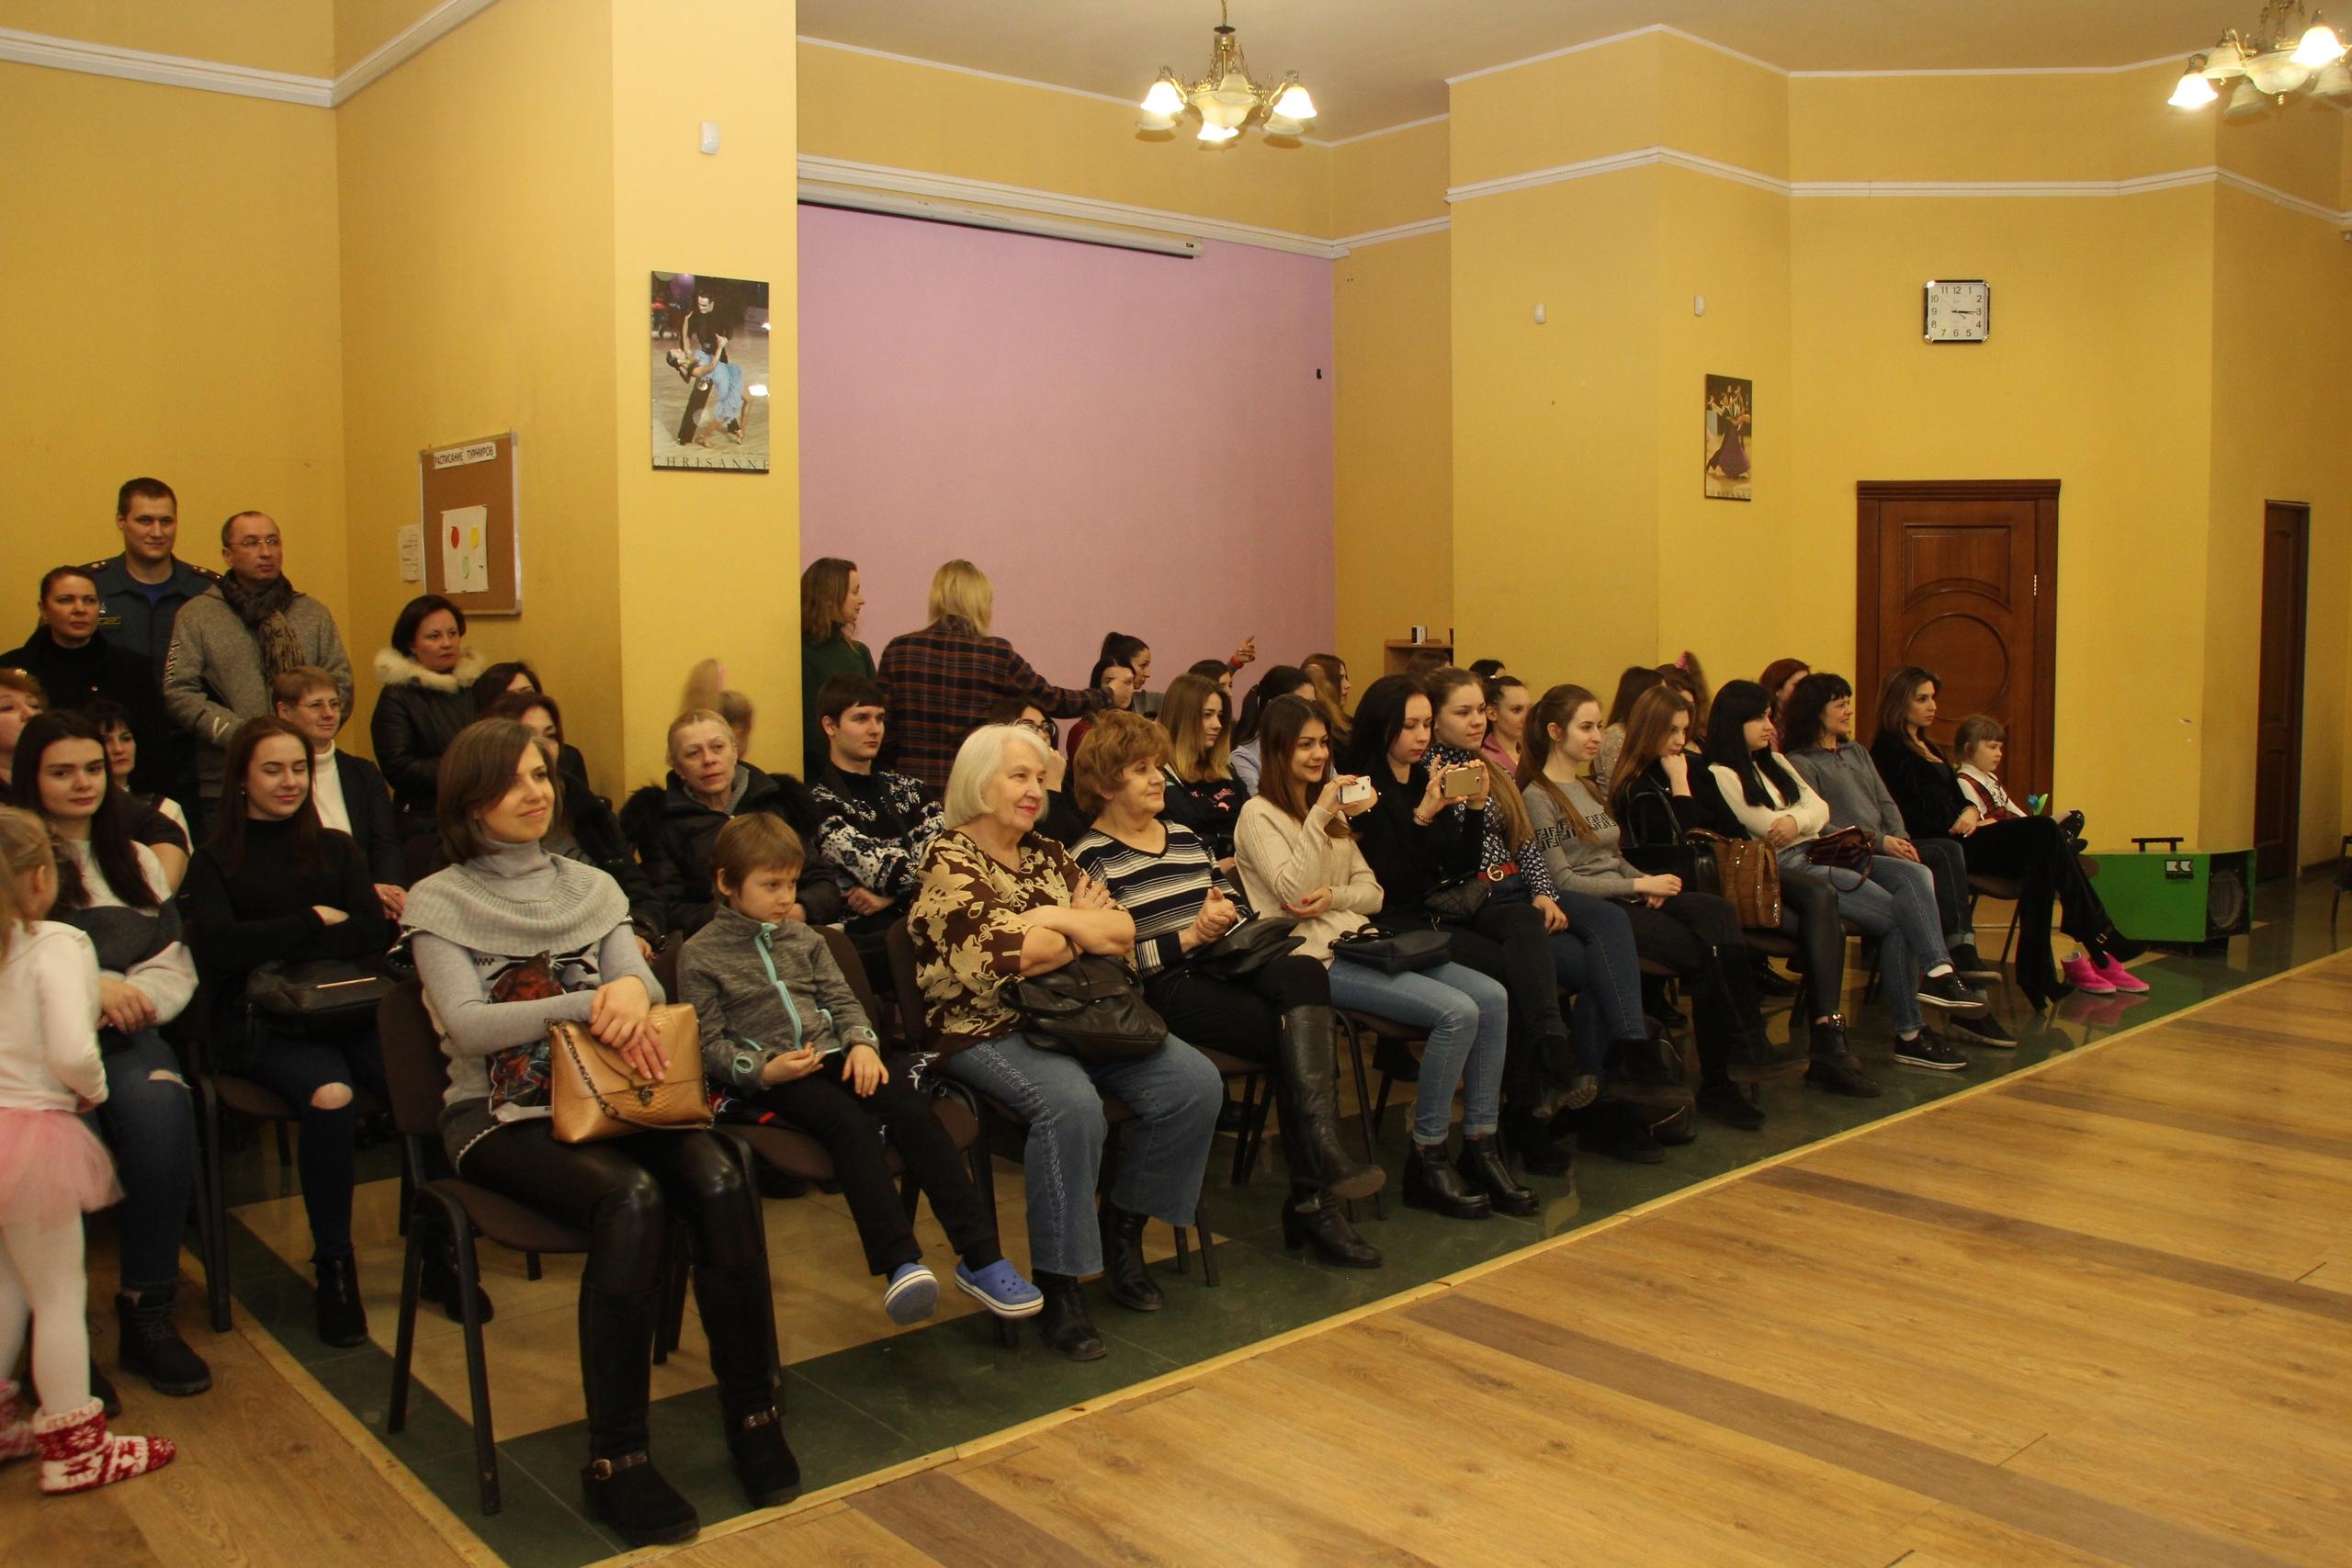 В Донецком городском молодежном центре прошел праздничный концерт в честь 8 марта